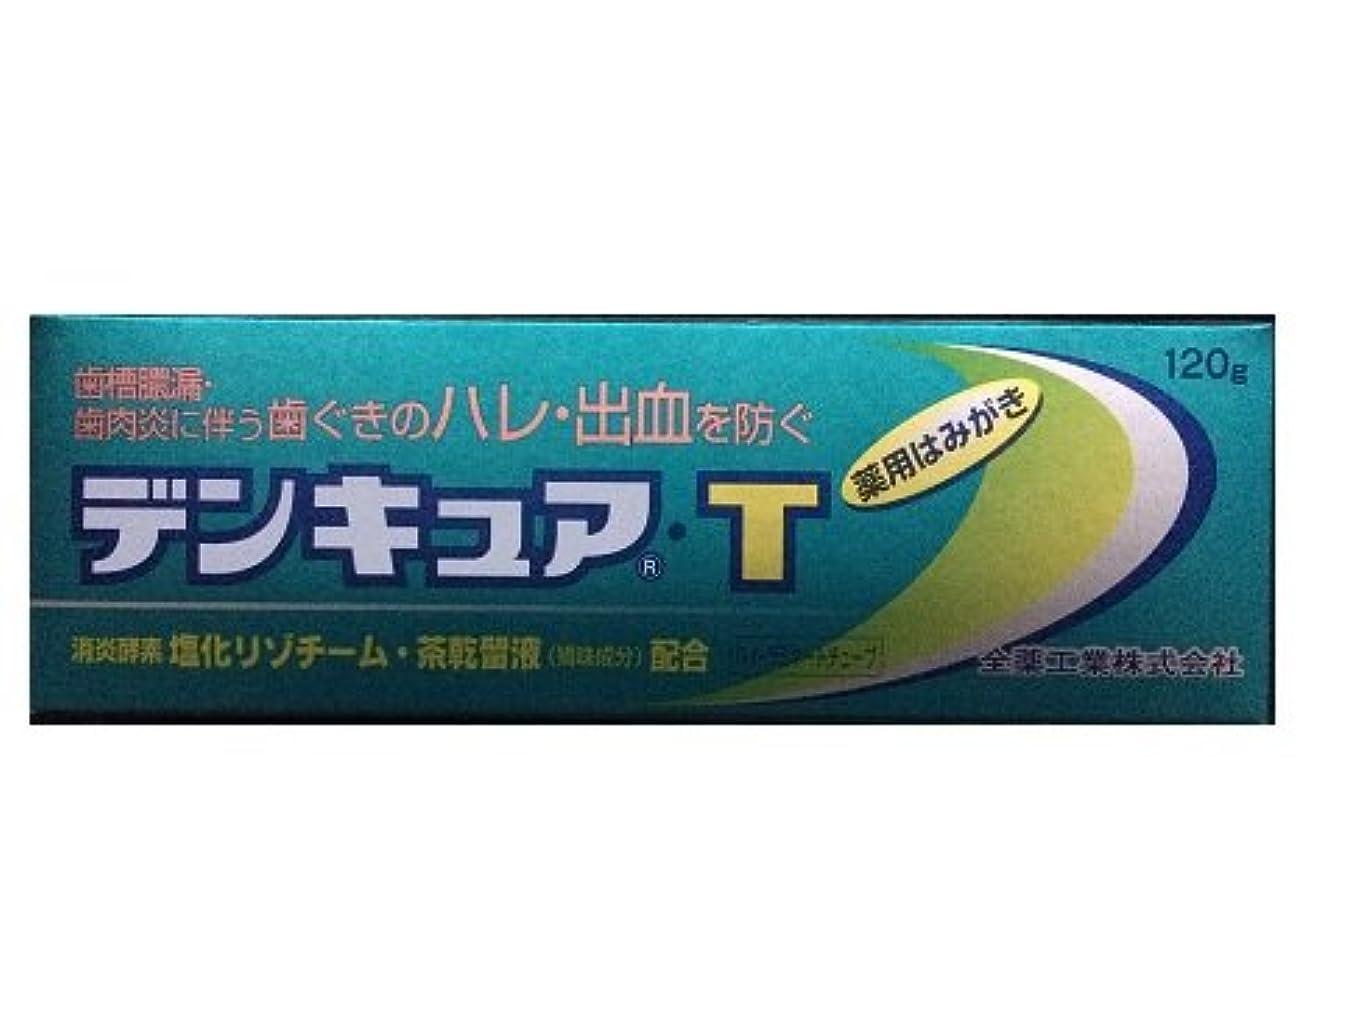 かき混ぜる報告書カイウス【全薬工業】デンキュア?T120g×10個